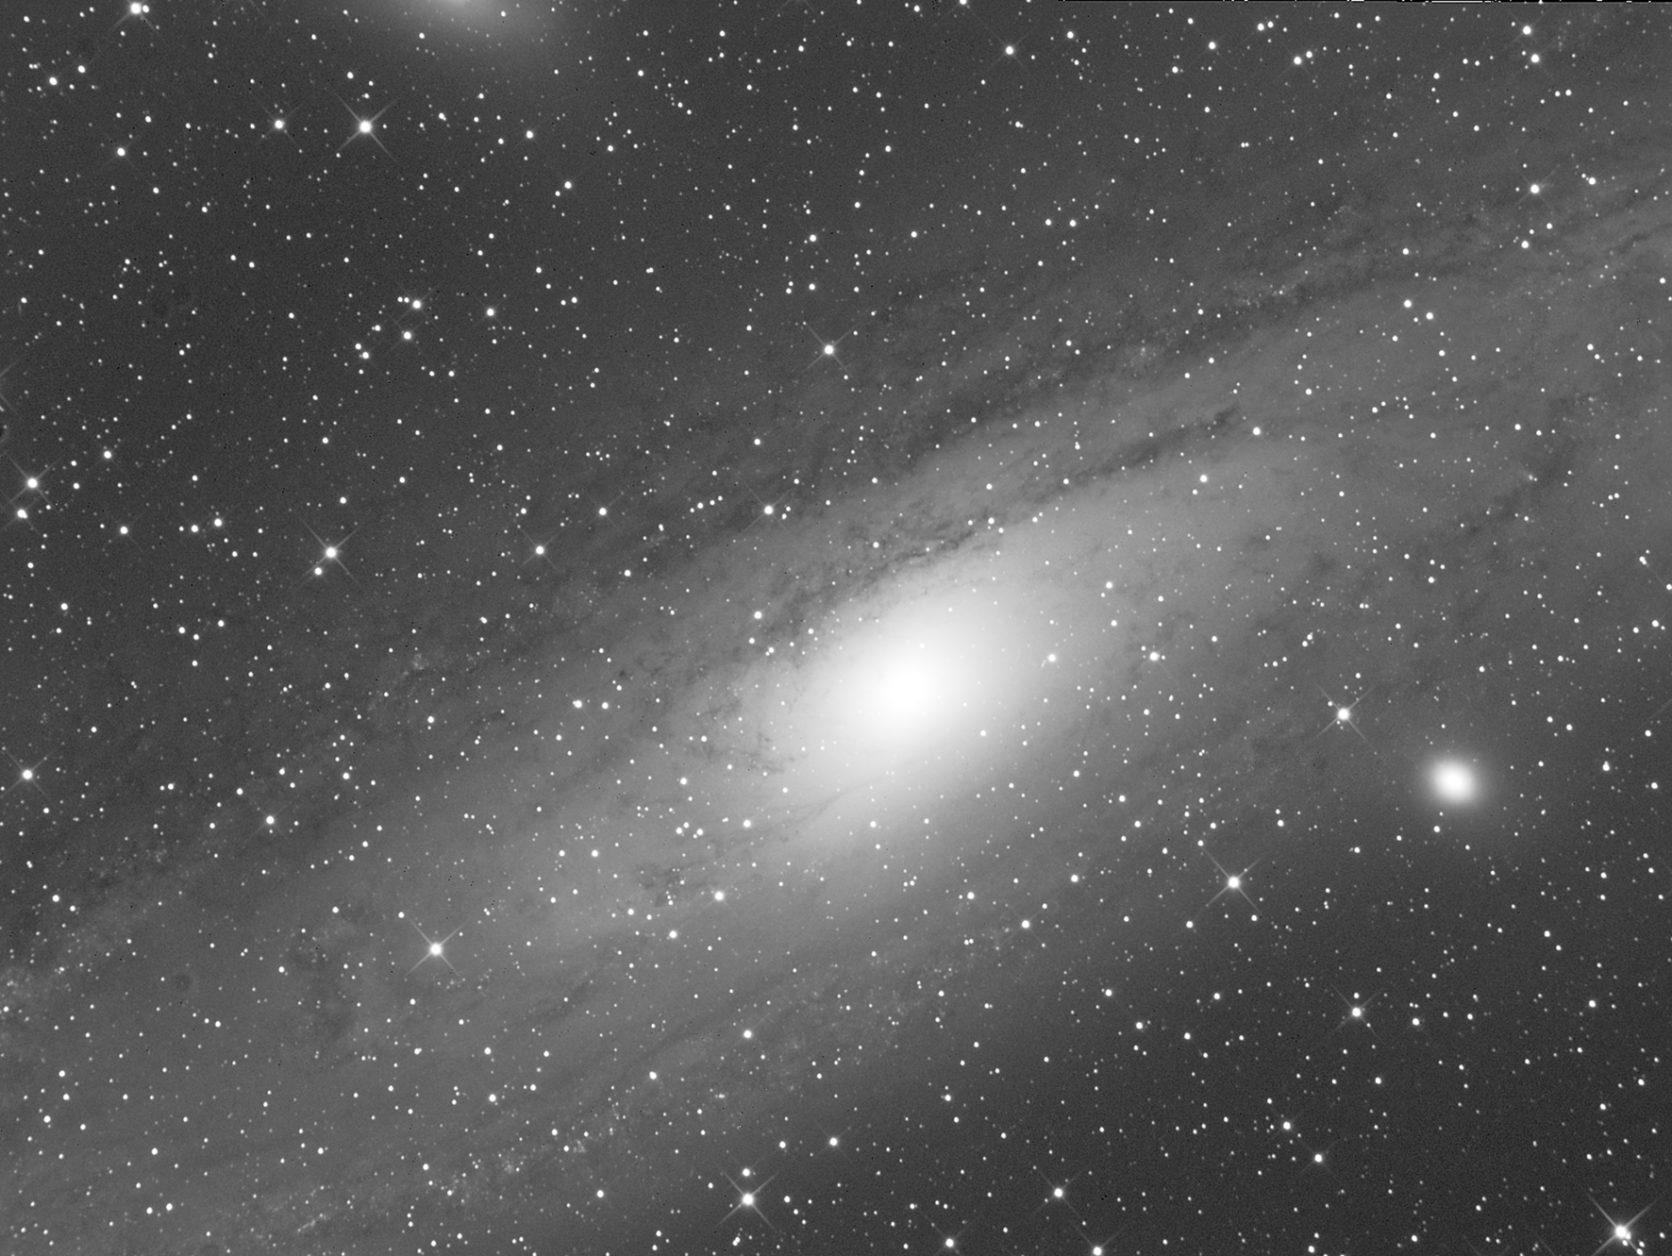 Galassia di Andromeda - foto di Corrado Di Noto